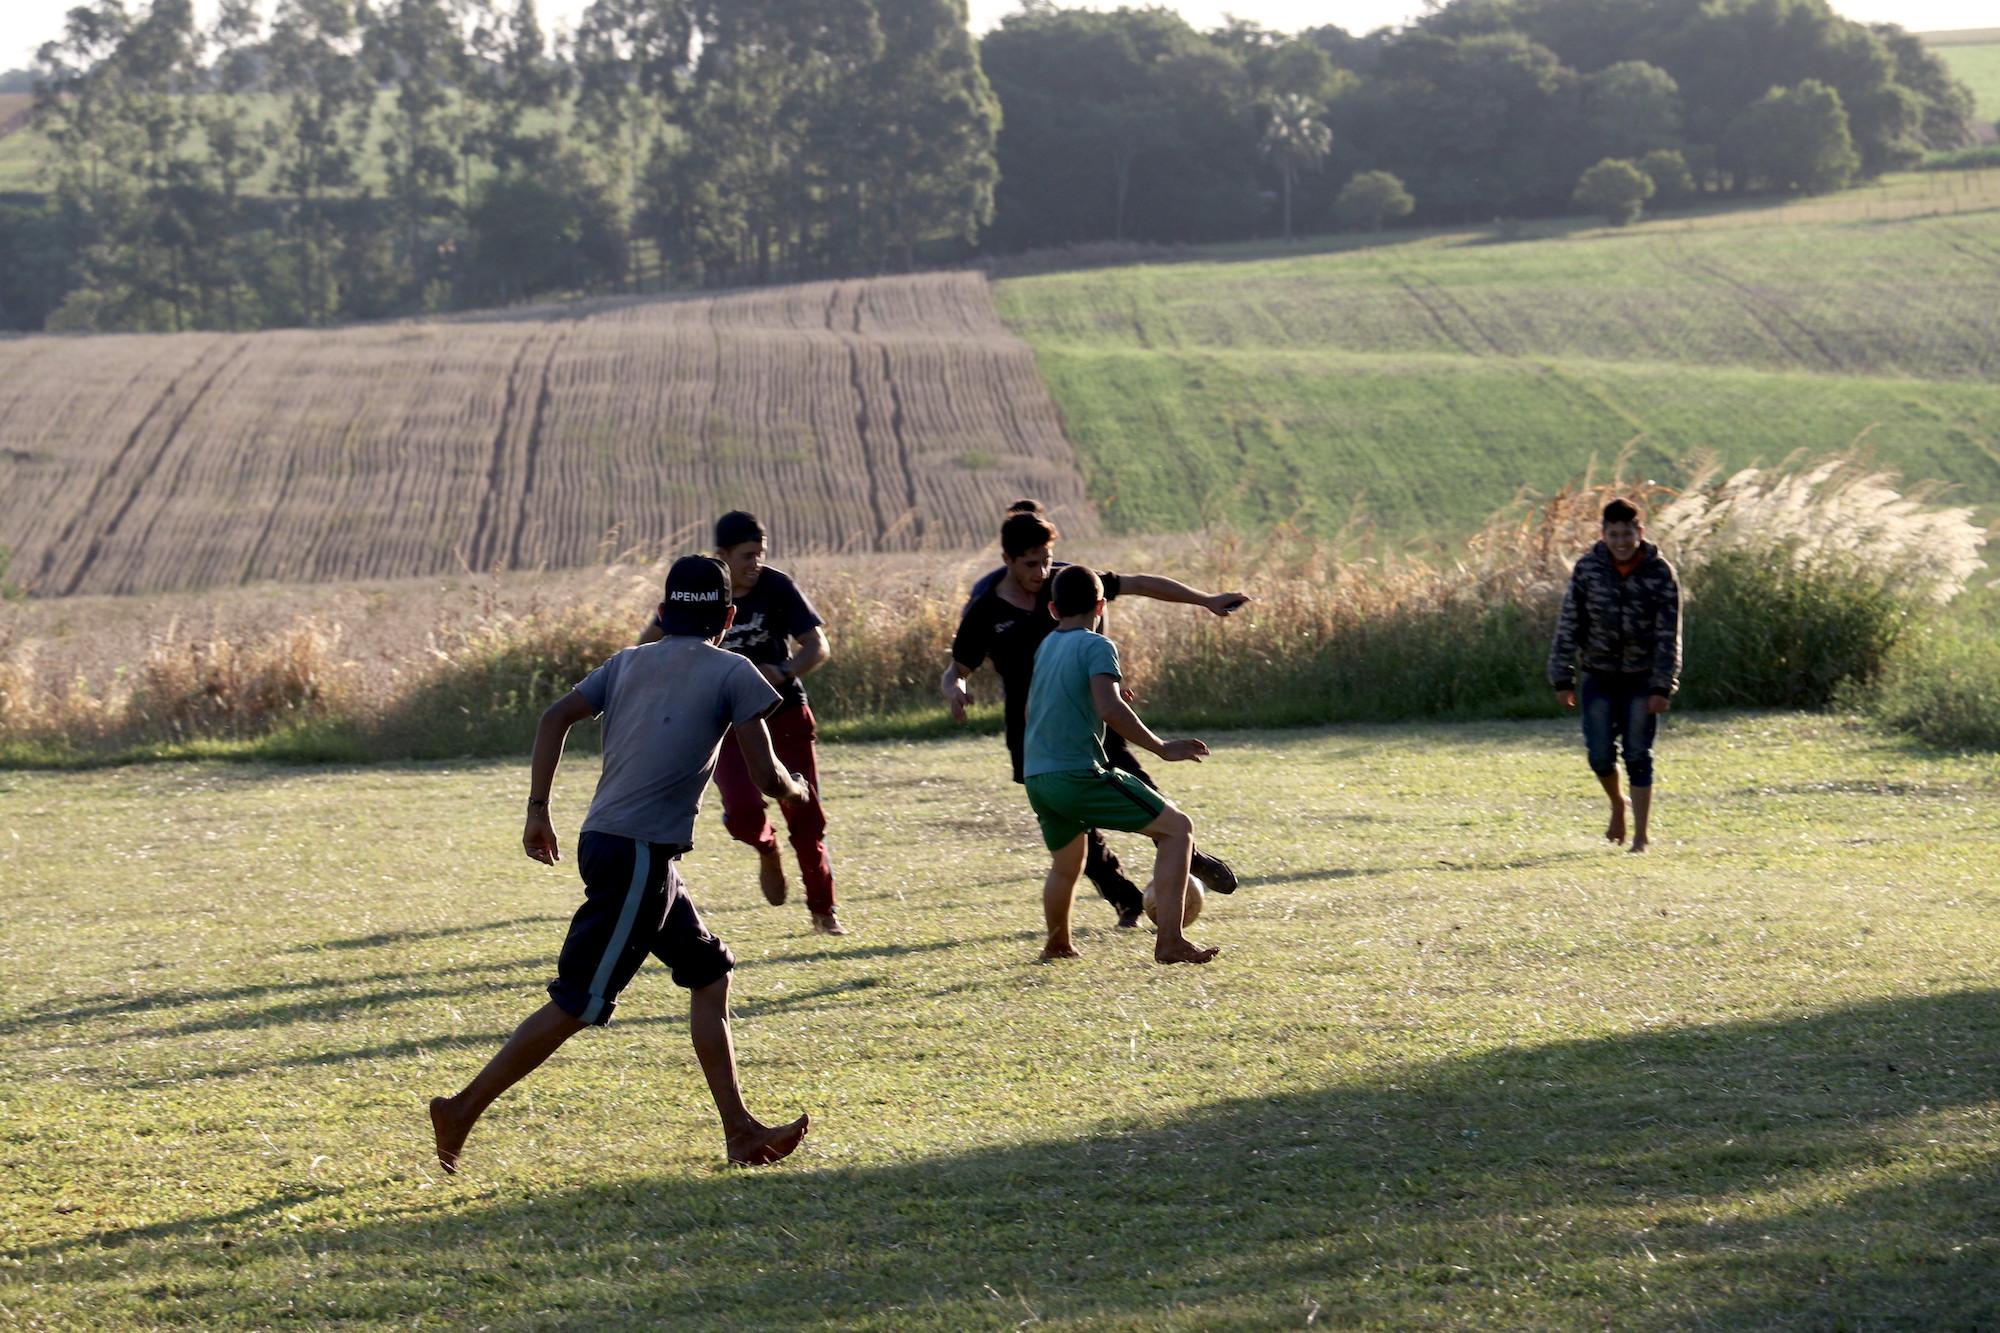 A unos 300 metros del lugar donde estos adolescentes juegan fútbol, nuestro dron tomó imágenes de parcelas de marihuana en pleno núcleo de una de las Reservas del Bosque Atlántico. Foto: Pánfilo Leguizamón